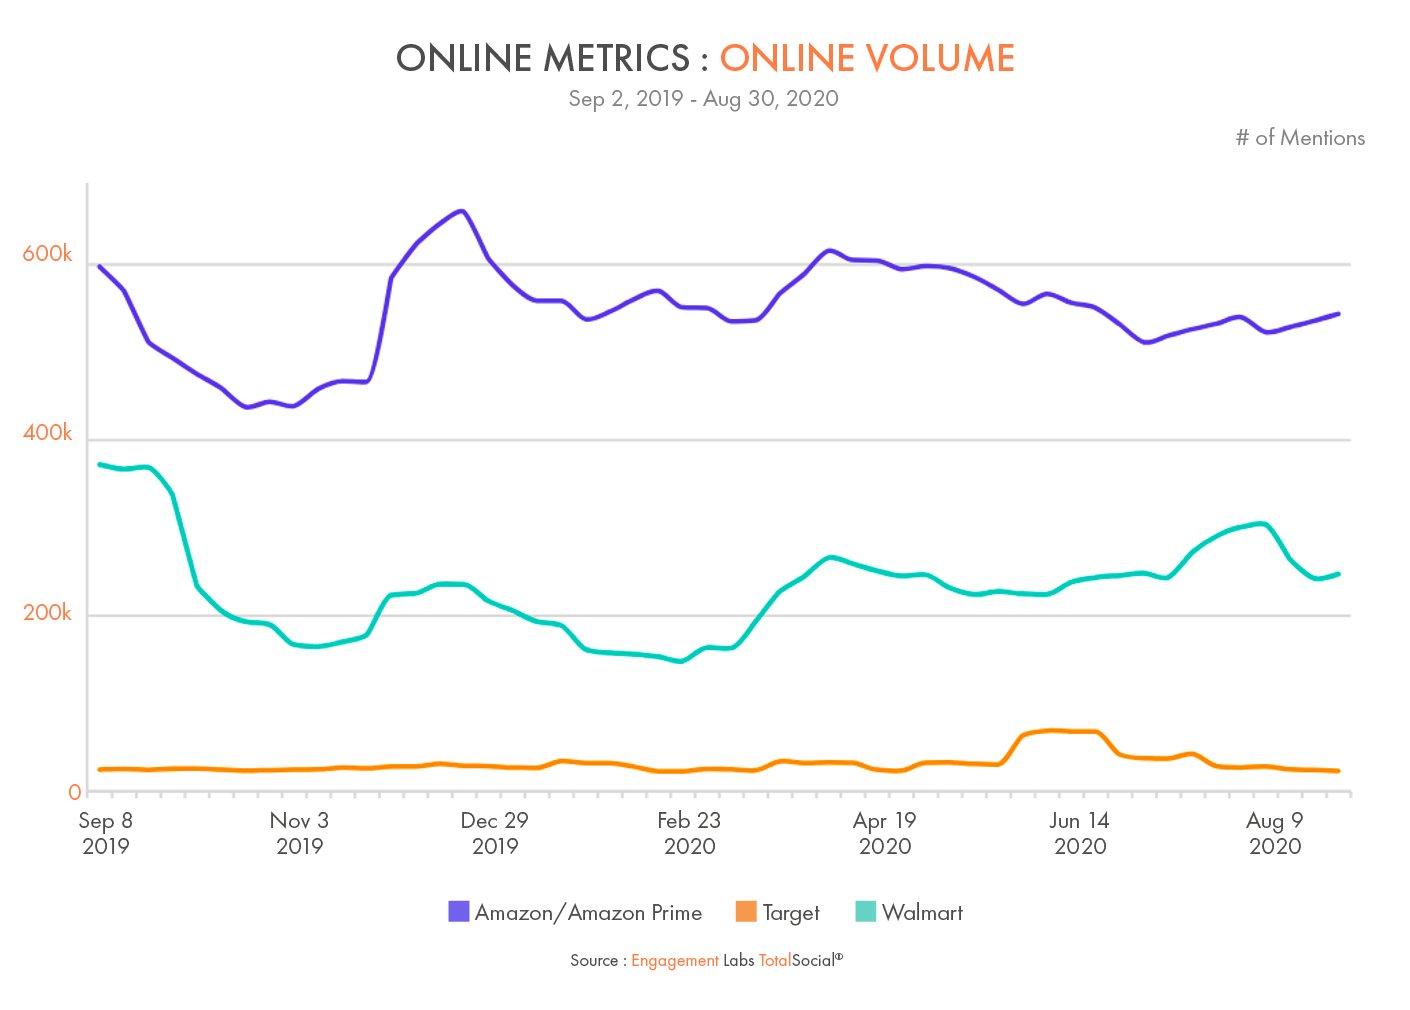 Online Conversation Volume - Amazon vs Target vs Walmart